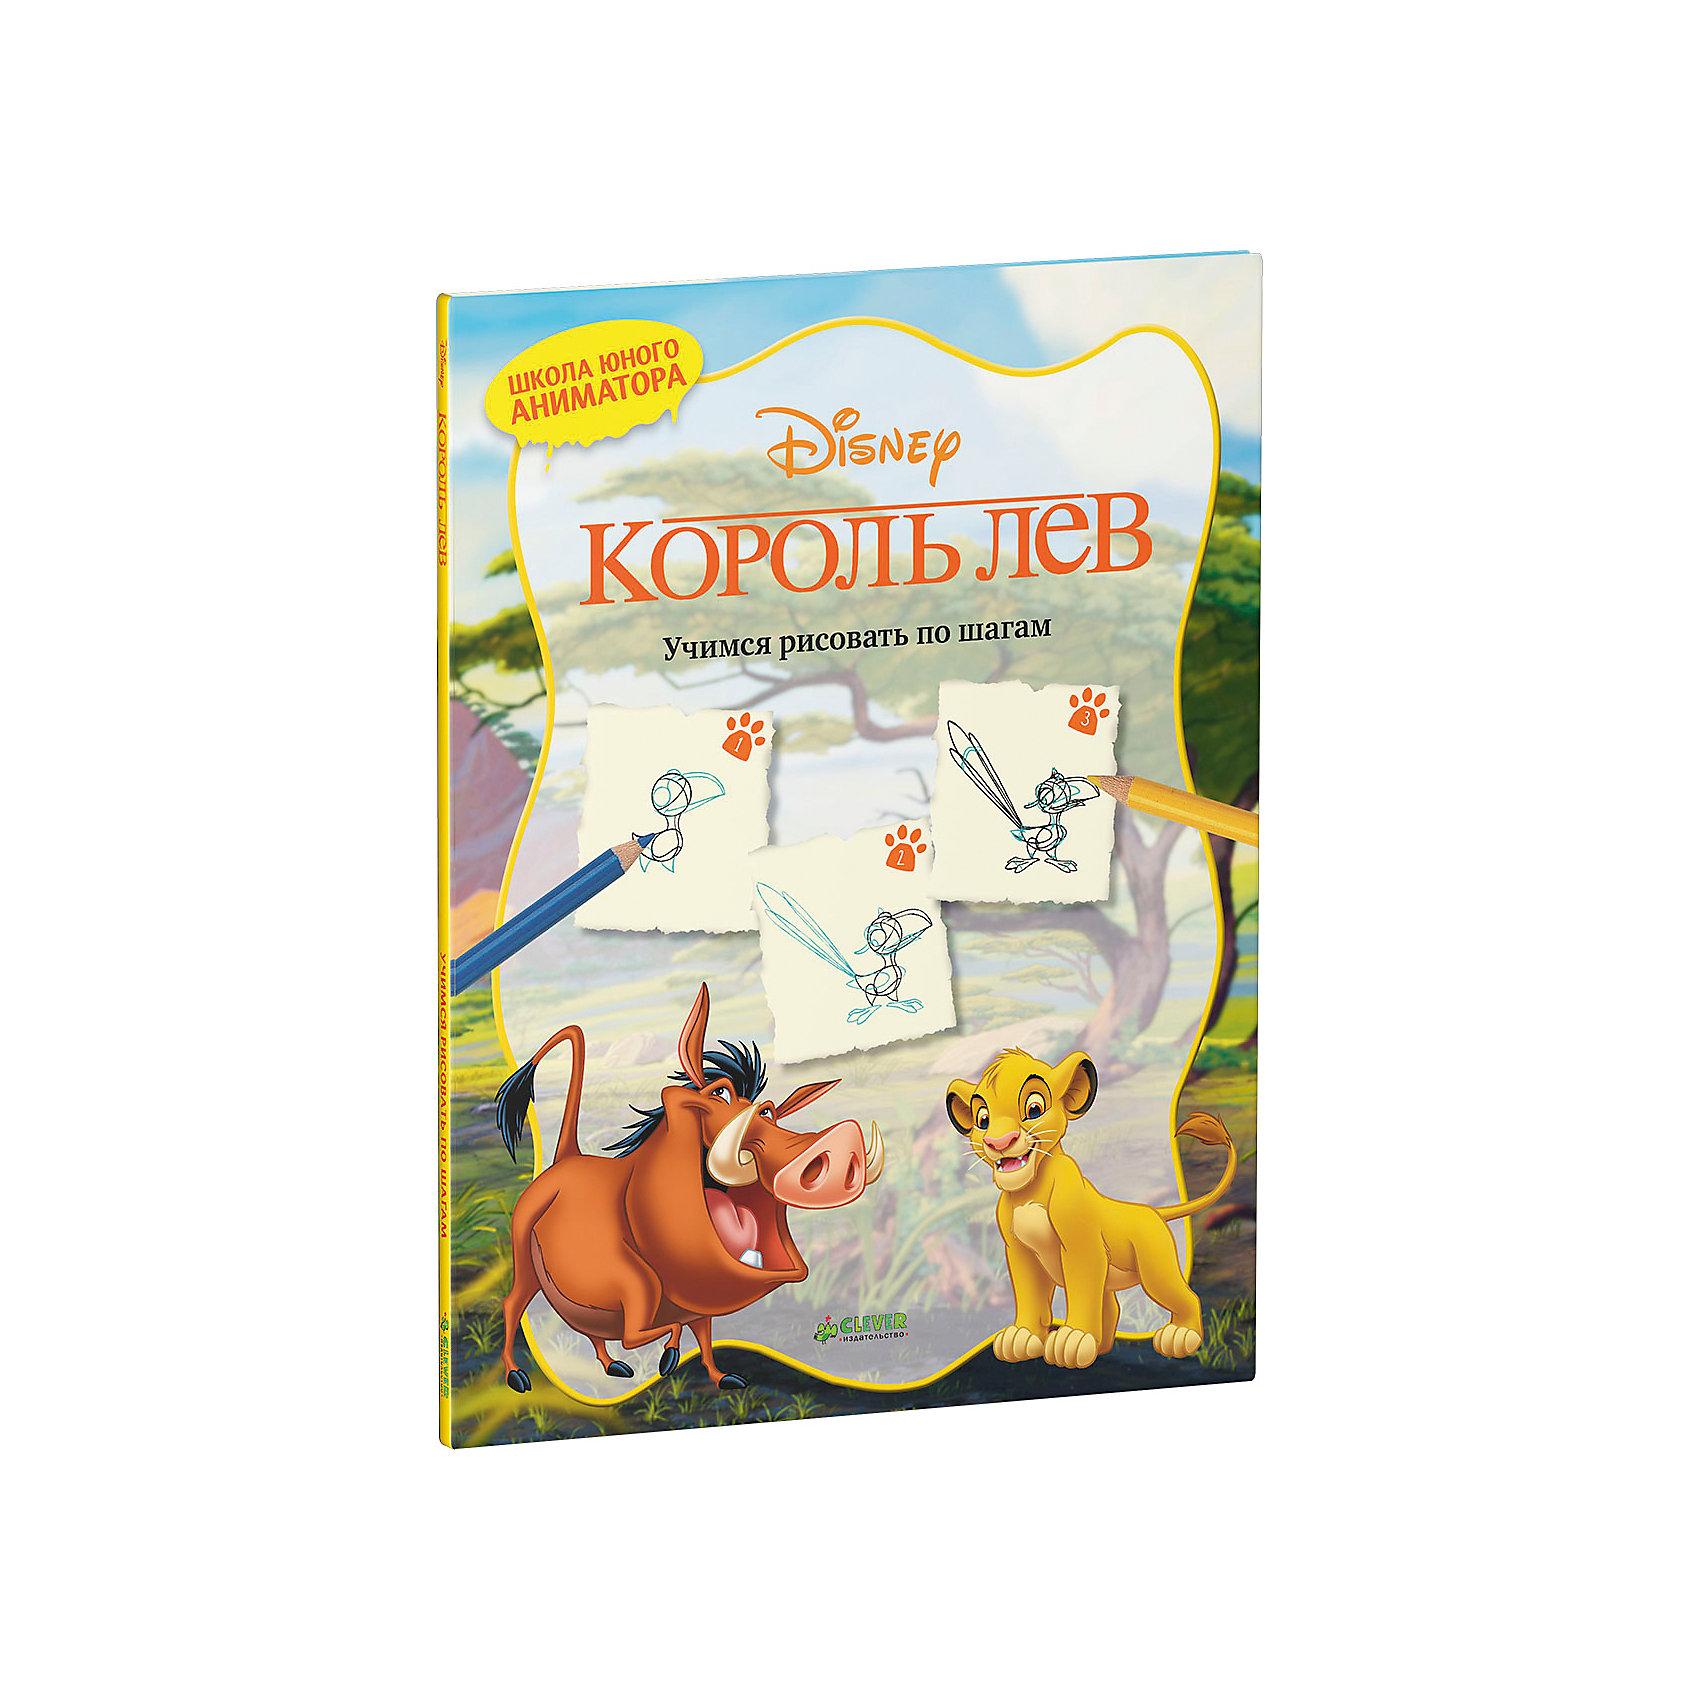 Учимся рисовать по шагам Король ЛевКниги для развития творческих навыков<br>Чудесная книга-рисовалка Король Лев откроет Вам все секреты художников-аниматоров волшебного мира Disney и Disney/Pixar. Следуя простым и понятным пошаговым инструкциям, Вы с лёгкостью научитесь рисовать своих любимых героев - забавного львёнка Симбу, коварного Шрама, весельчаков Пумбу и Тимона и многих-многих других персонажей. Подробная инструкция и схемы рисования помогут с успехом выполнить задуманное. Альбом прекрасно развивает фантазию и воображение, внимание, усидчивость и мелкую моторику.<br><br>Дополнительная информация:<br><br>- Серия: Disney. Учимся рисовать.  <br>- Переплет: мягкая обложка.<br>- Иллюстрации: черно-белые + цветные.<br>- Объем: 64 стр. <br>- Размер: 28 x 21,5 x 0,6 см.<br>- Вес: 0,266 кг. <br><br>Книгу Учимся рисовать по шагам Король Лев, Клевер Медиа Групп, можно купить в нашем интернет-магазине.<br><br>Ширина мм: 280<br>Глубина мм: 210<br>Высота мм: 8<br>Вес г: 140<br>Возраст от месяцев: 48<br>Возраст до месяцев: 72<br>Пол: Унисекс<br>Возраст: Детский<br>SKU: 4544923